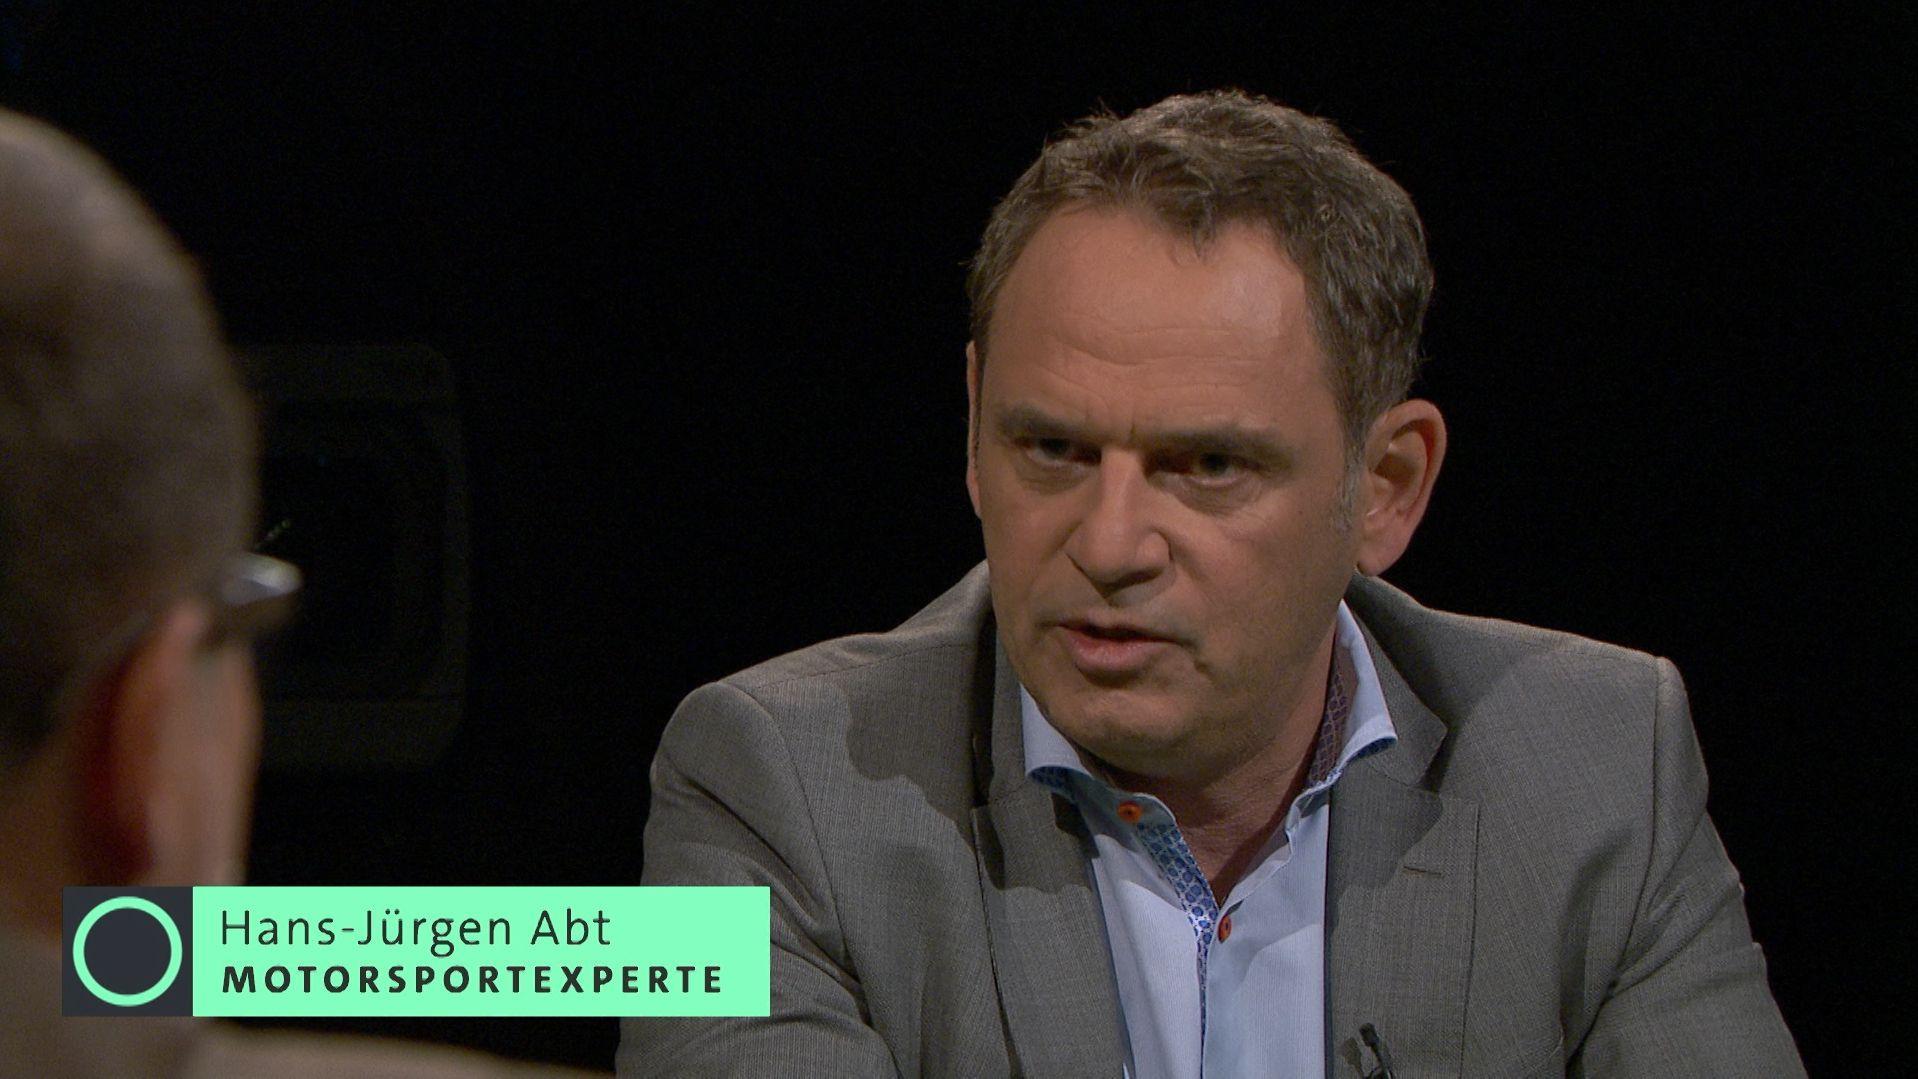 Motorsportexperte Hans-Jürgen Abt